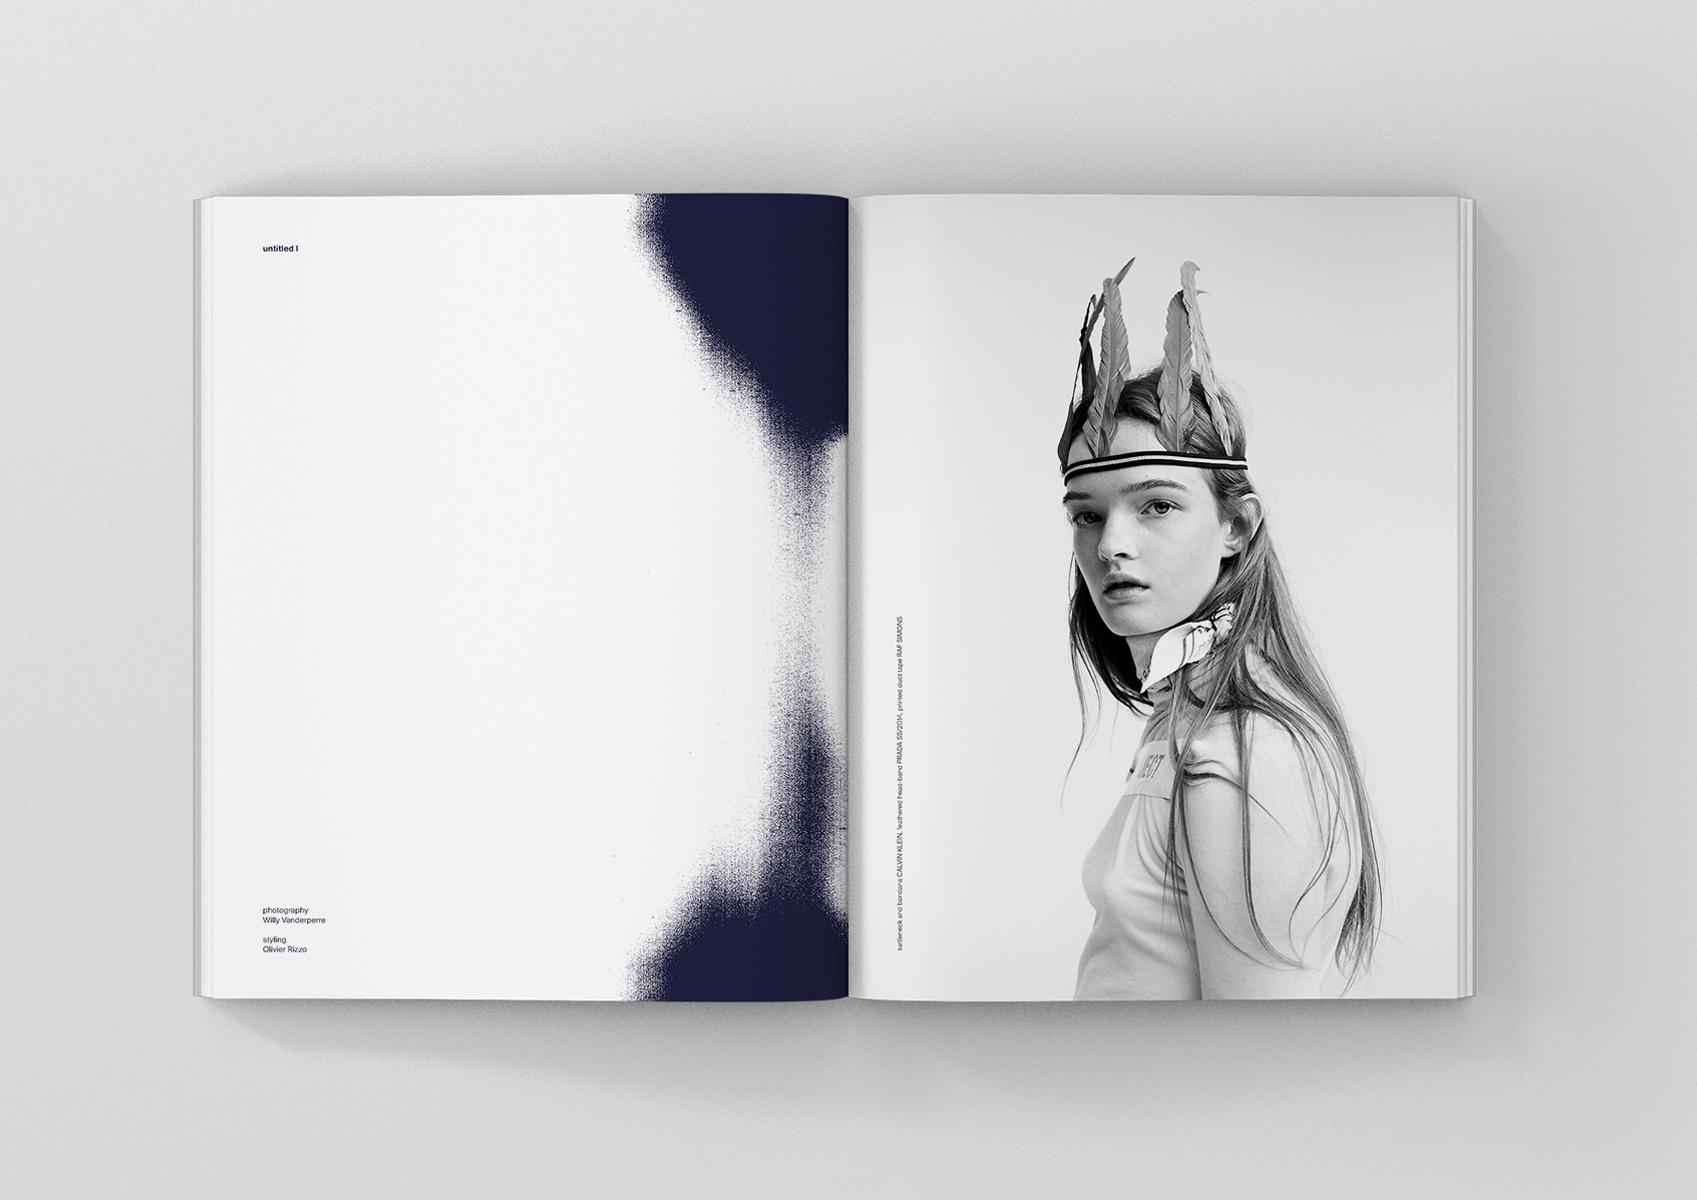 nicoletta-dalfino-dust-magazine-11-spread1